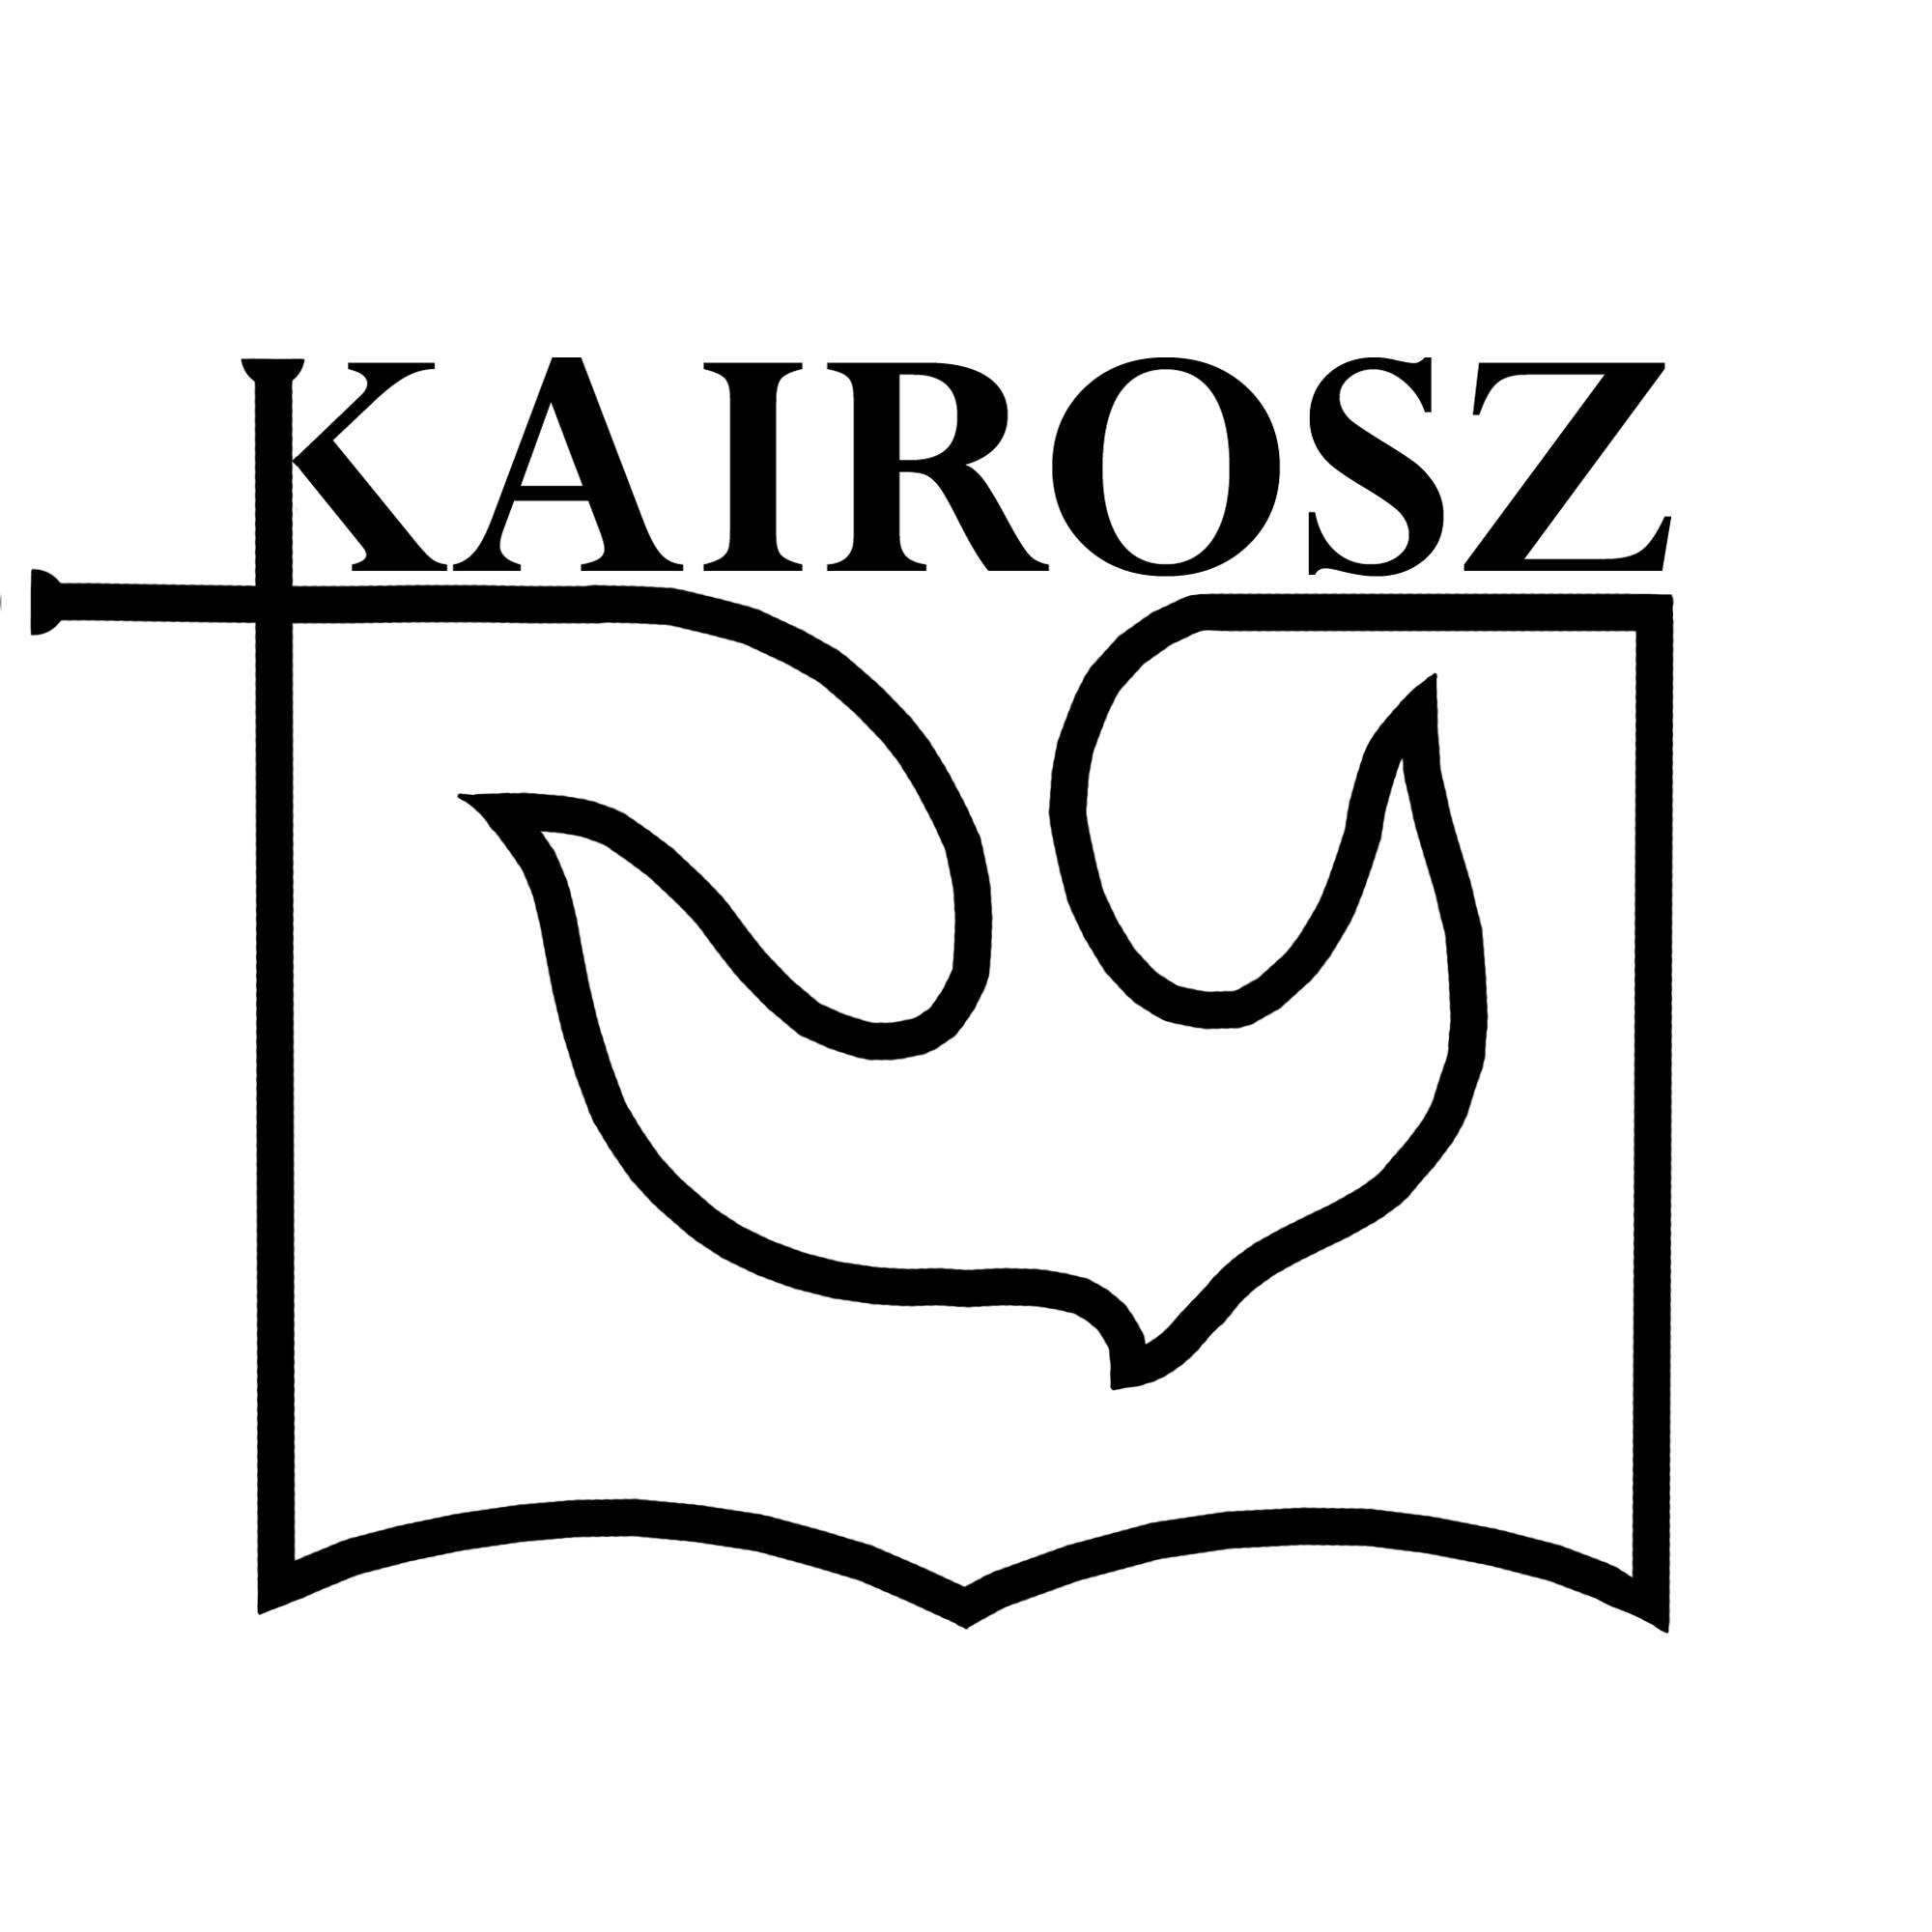 KAIROSZ KIADÓ KFT /BEDŐ GYÖRGY/